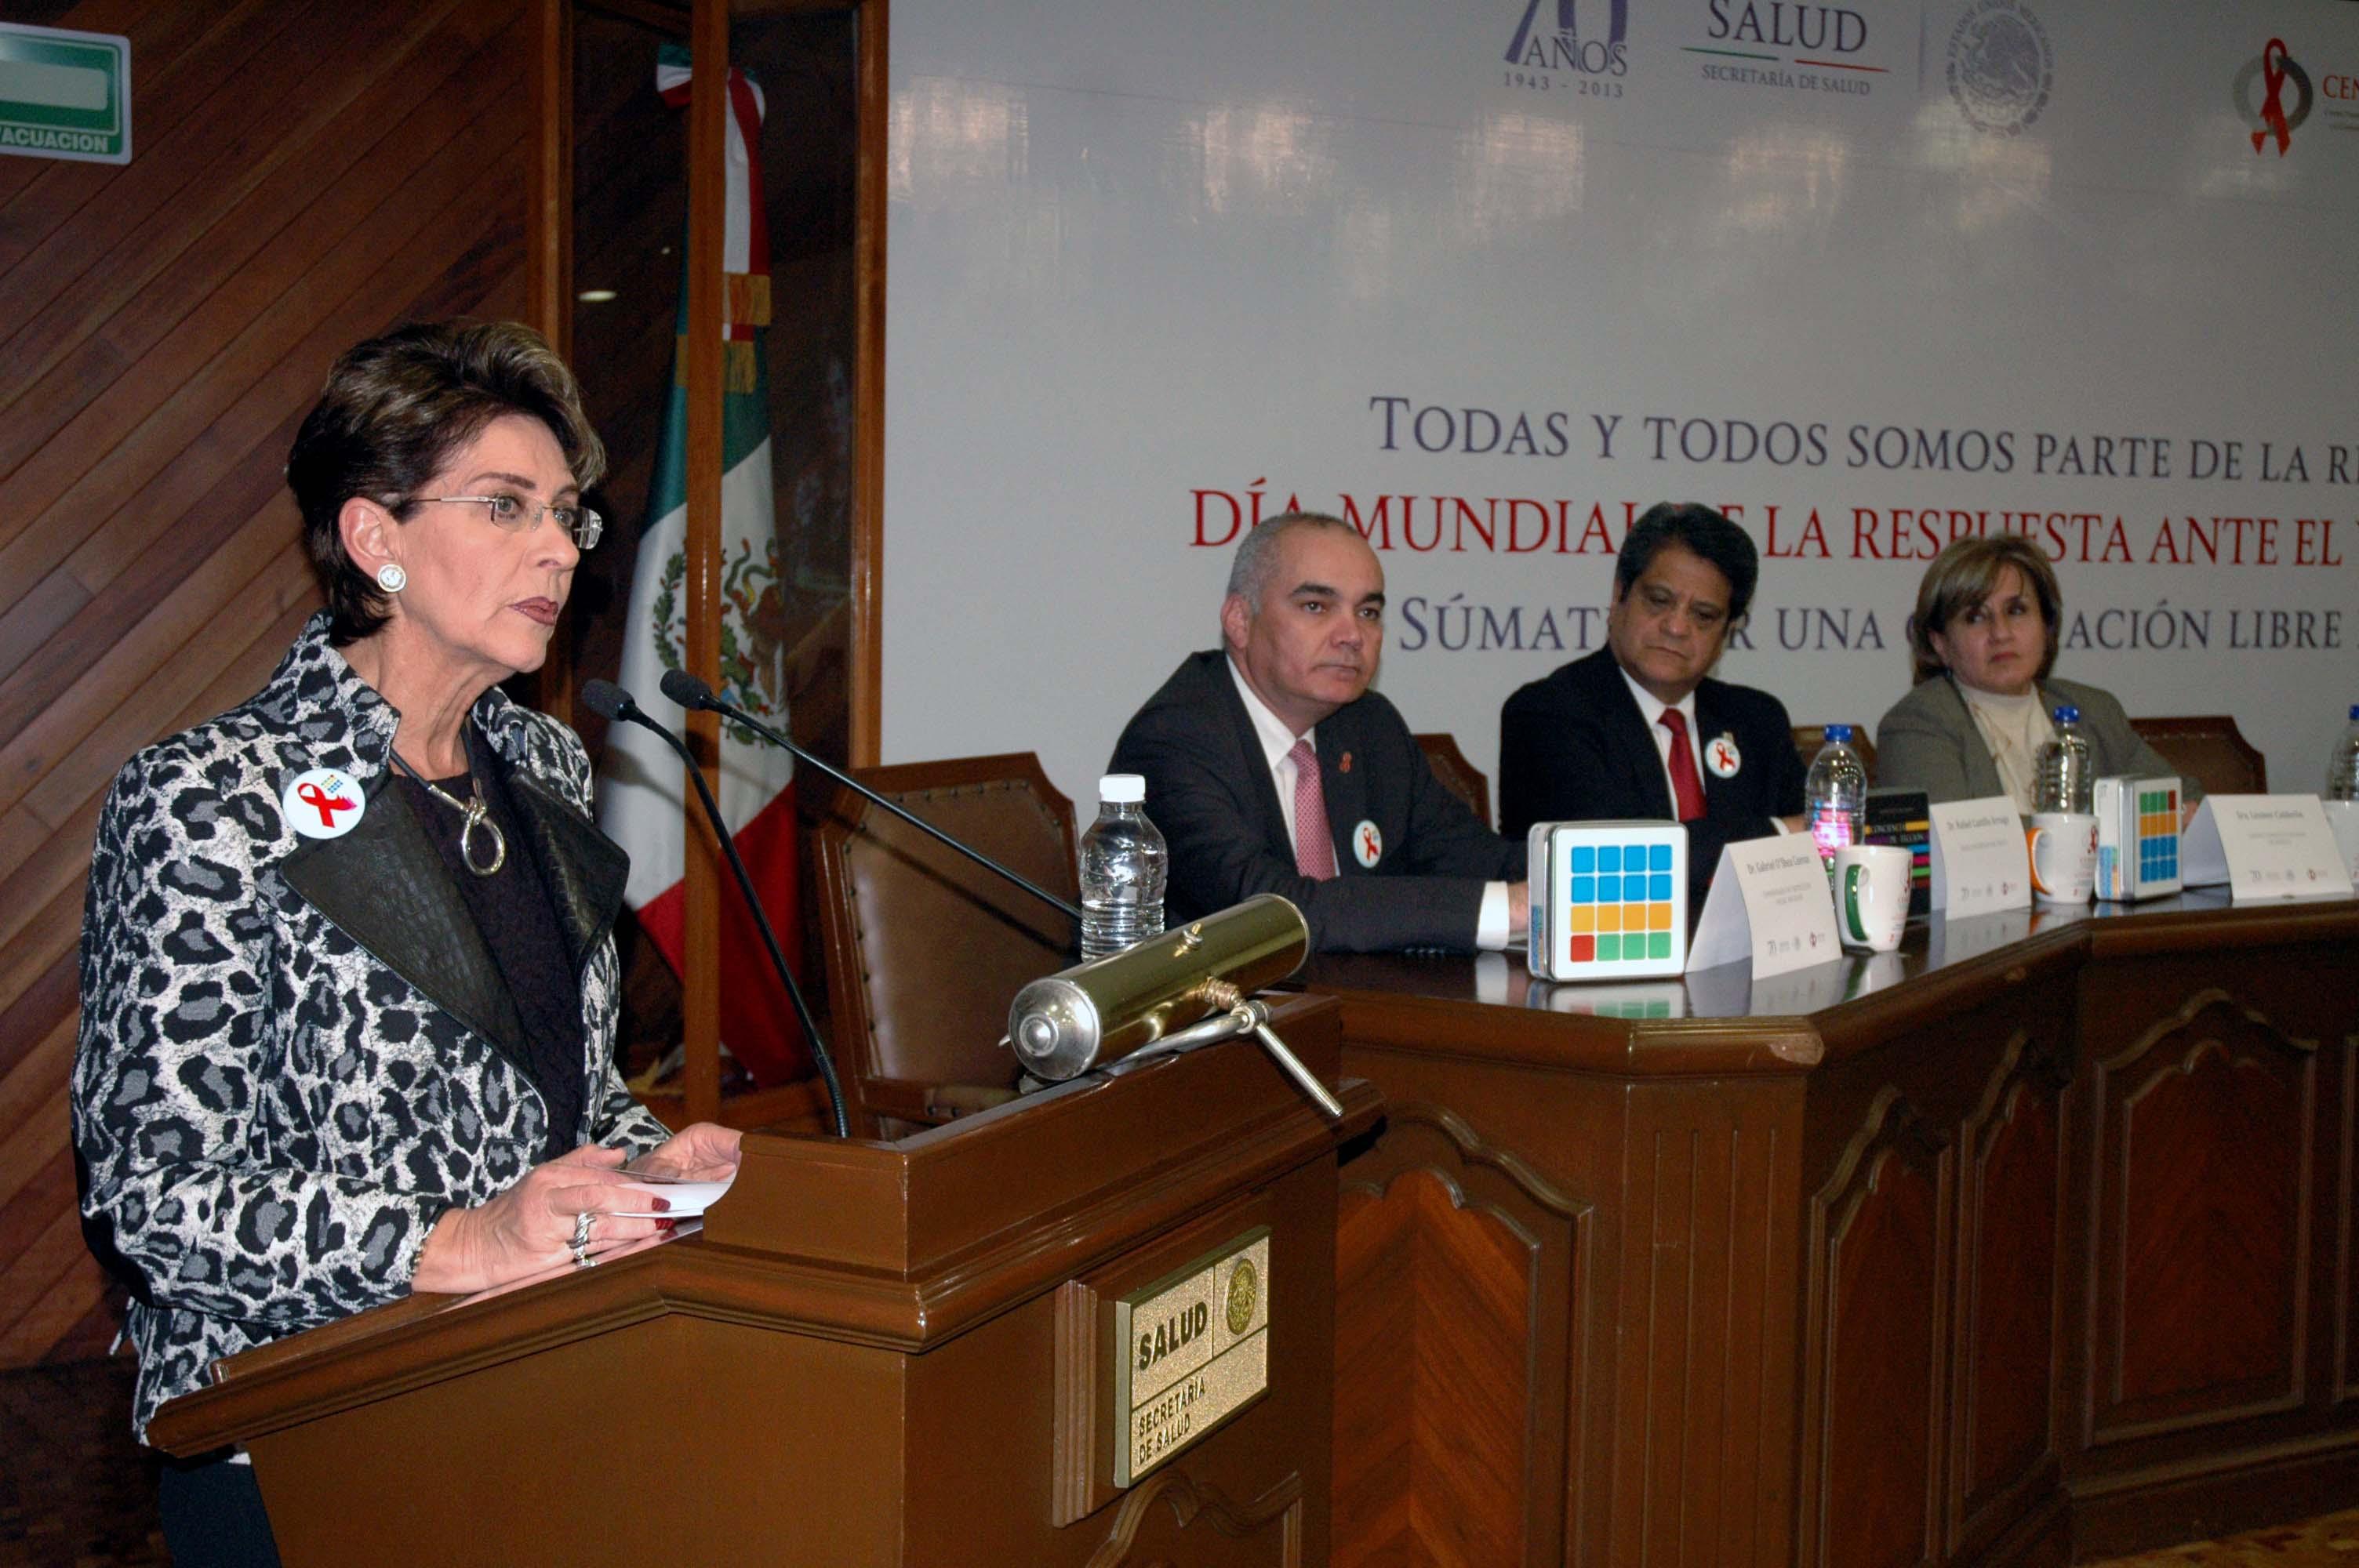 Día Mundial de la Respuesta ante el VIH/Sida